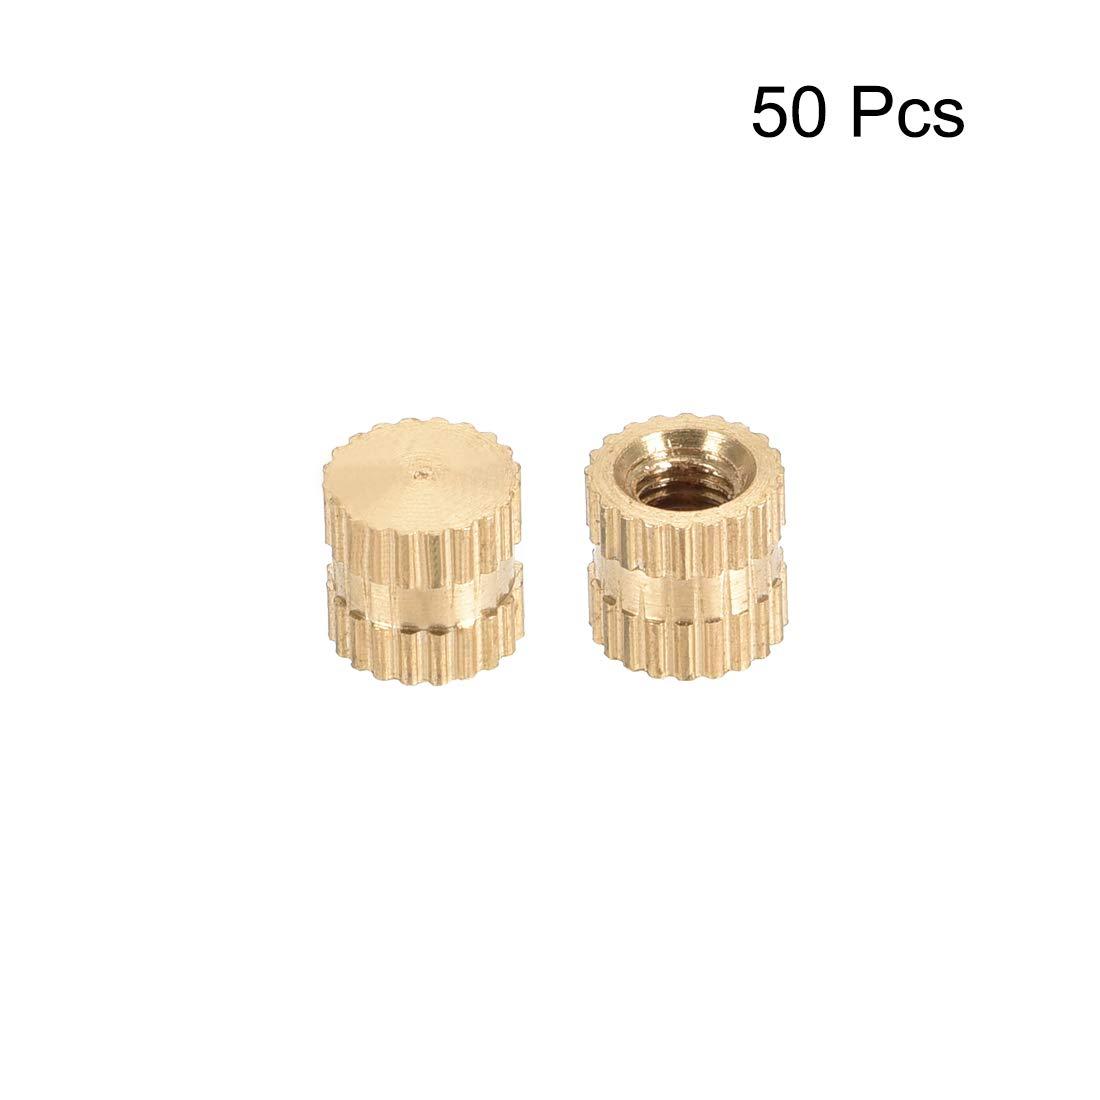 L M3 x 5mm Female Thread Brass Embedment Assortment Kit OD 50 Pcs uxcell Knurled Insert Nuts x 5mm